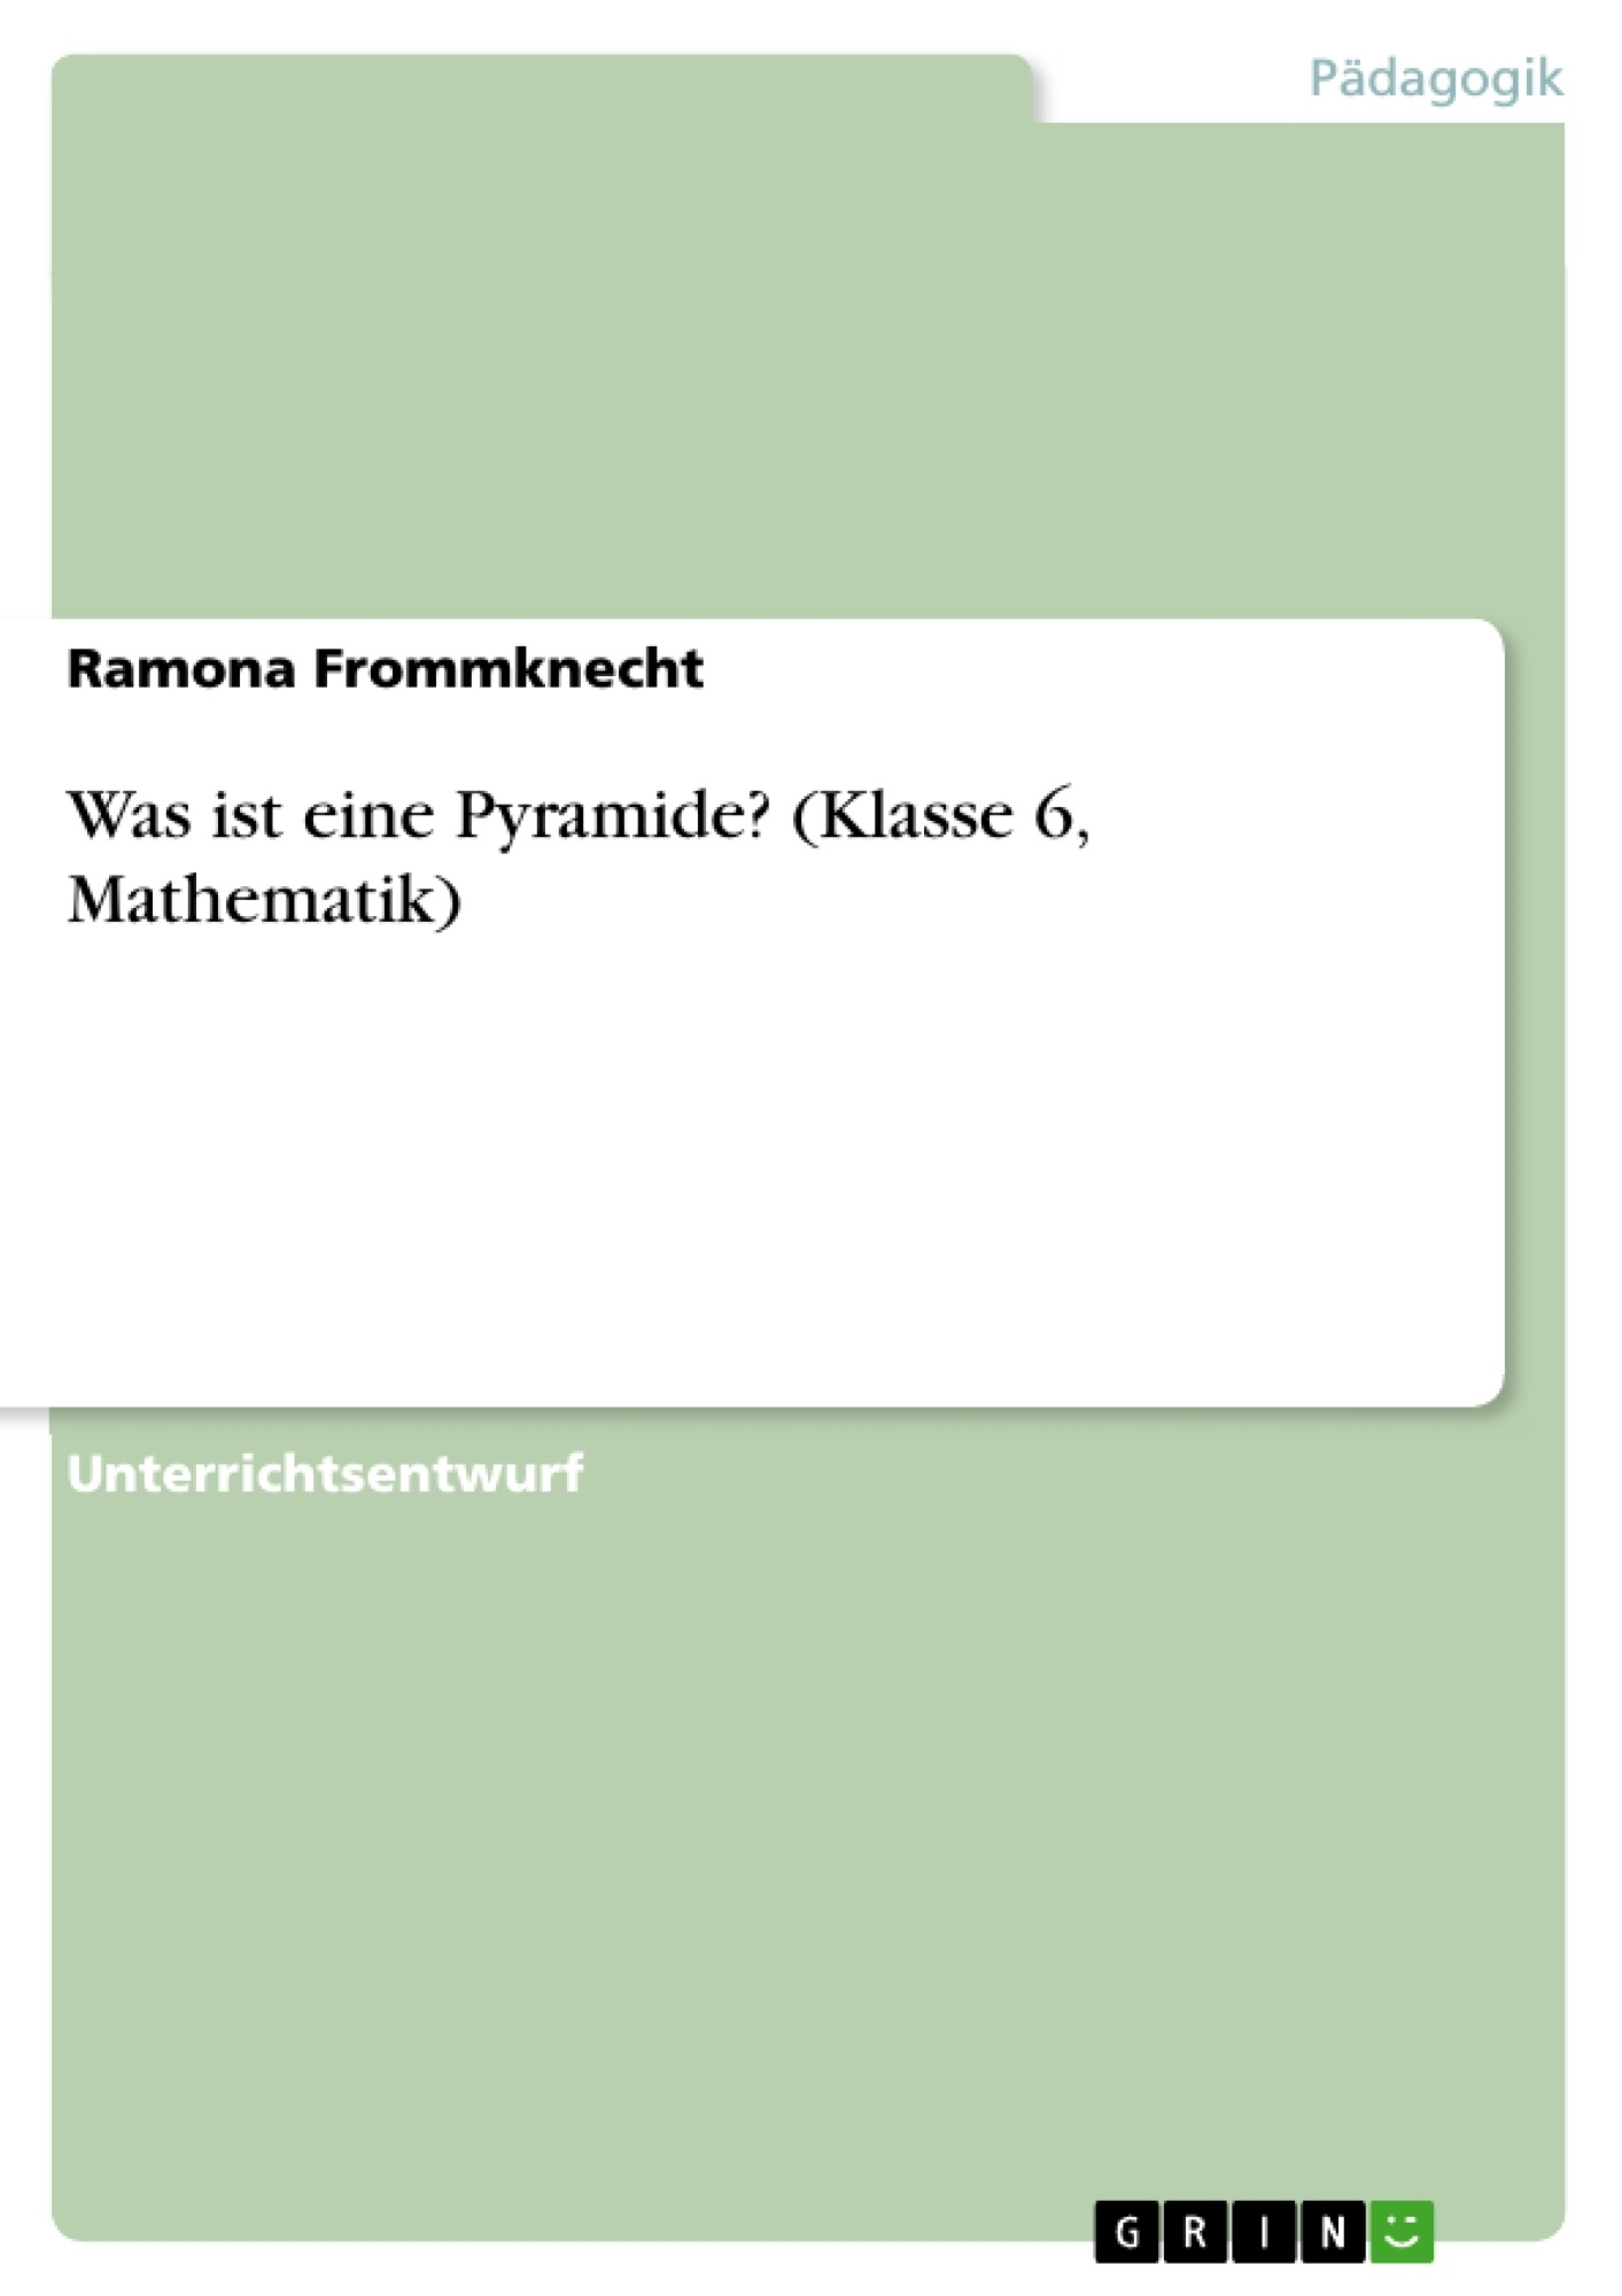 Was ist eine Pyramide? (Klasse 6, Mathematik) | Masterarbeit ...